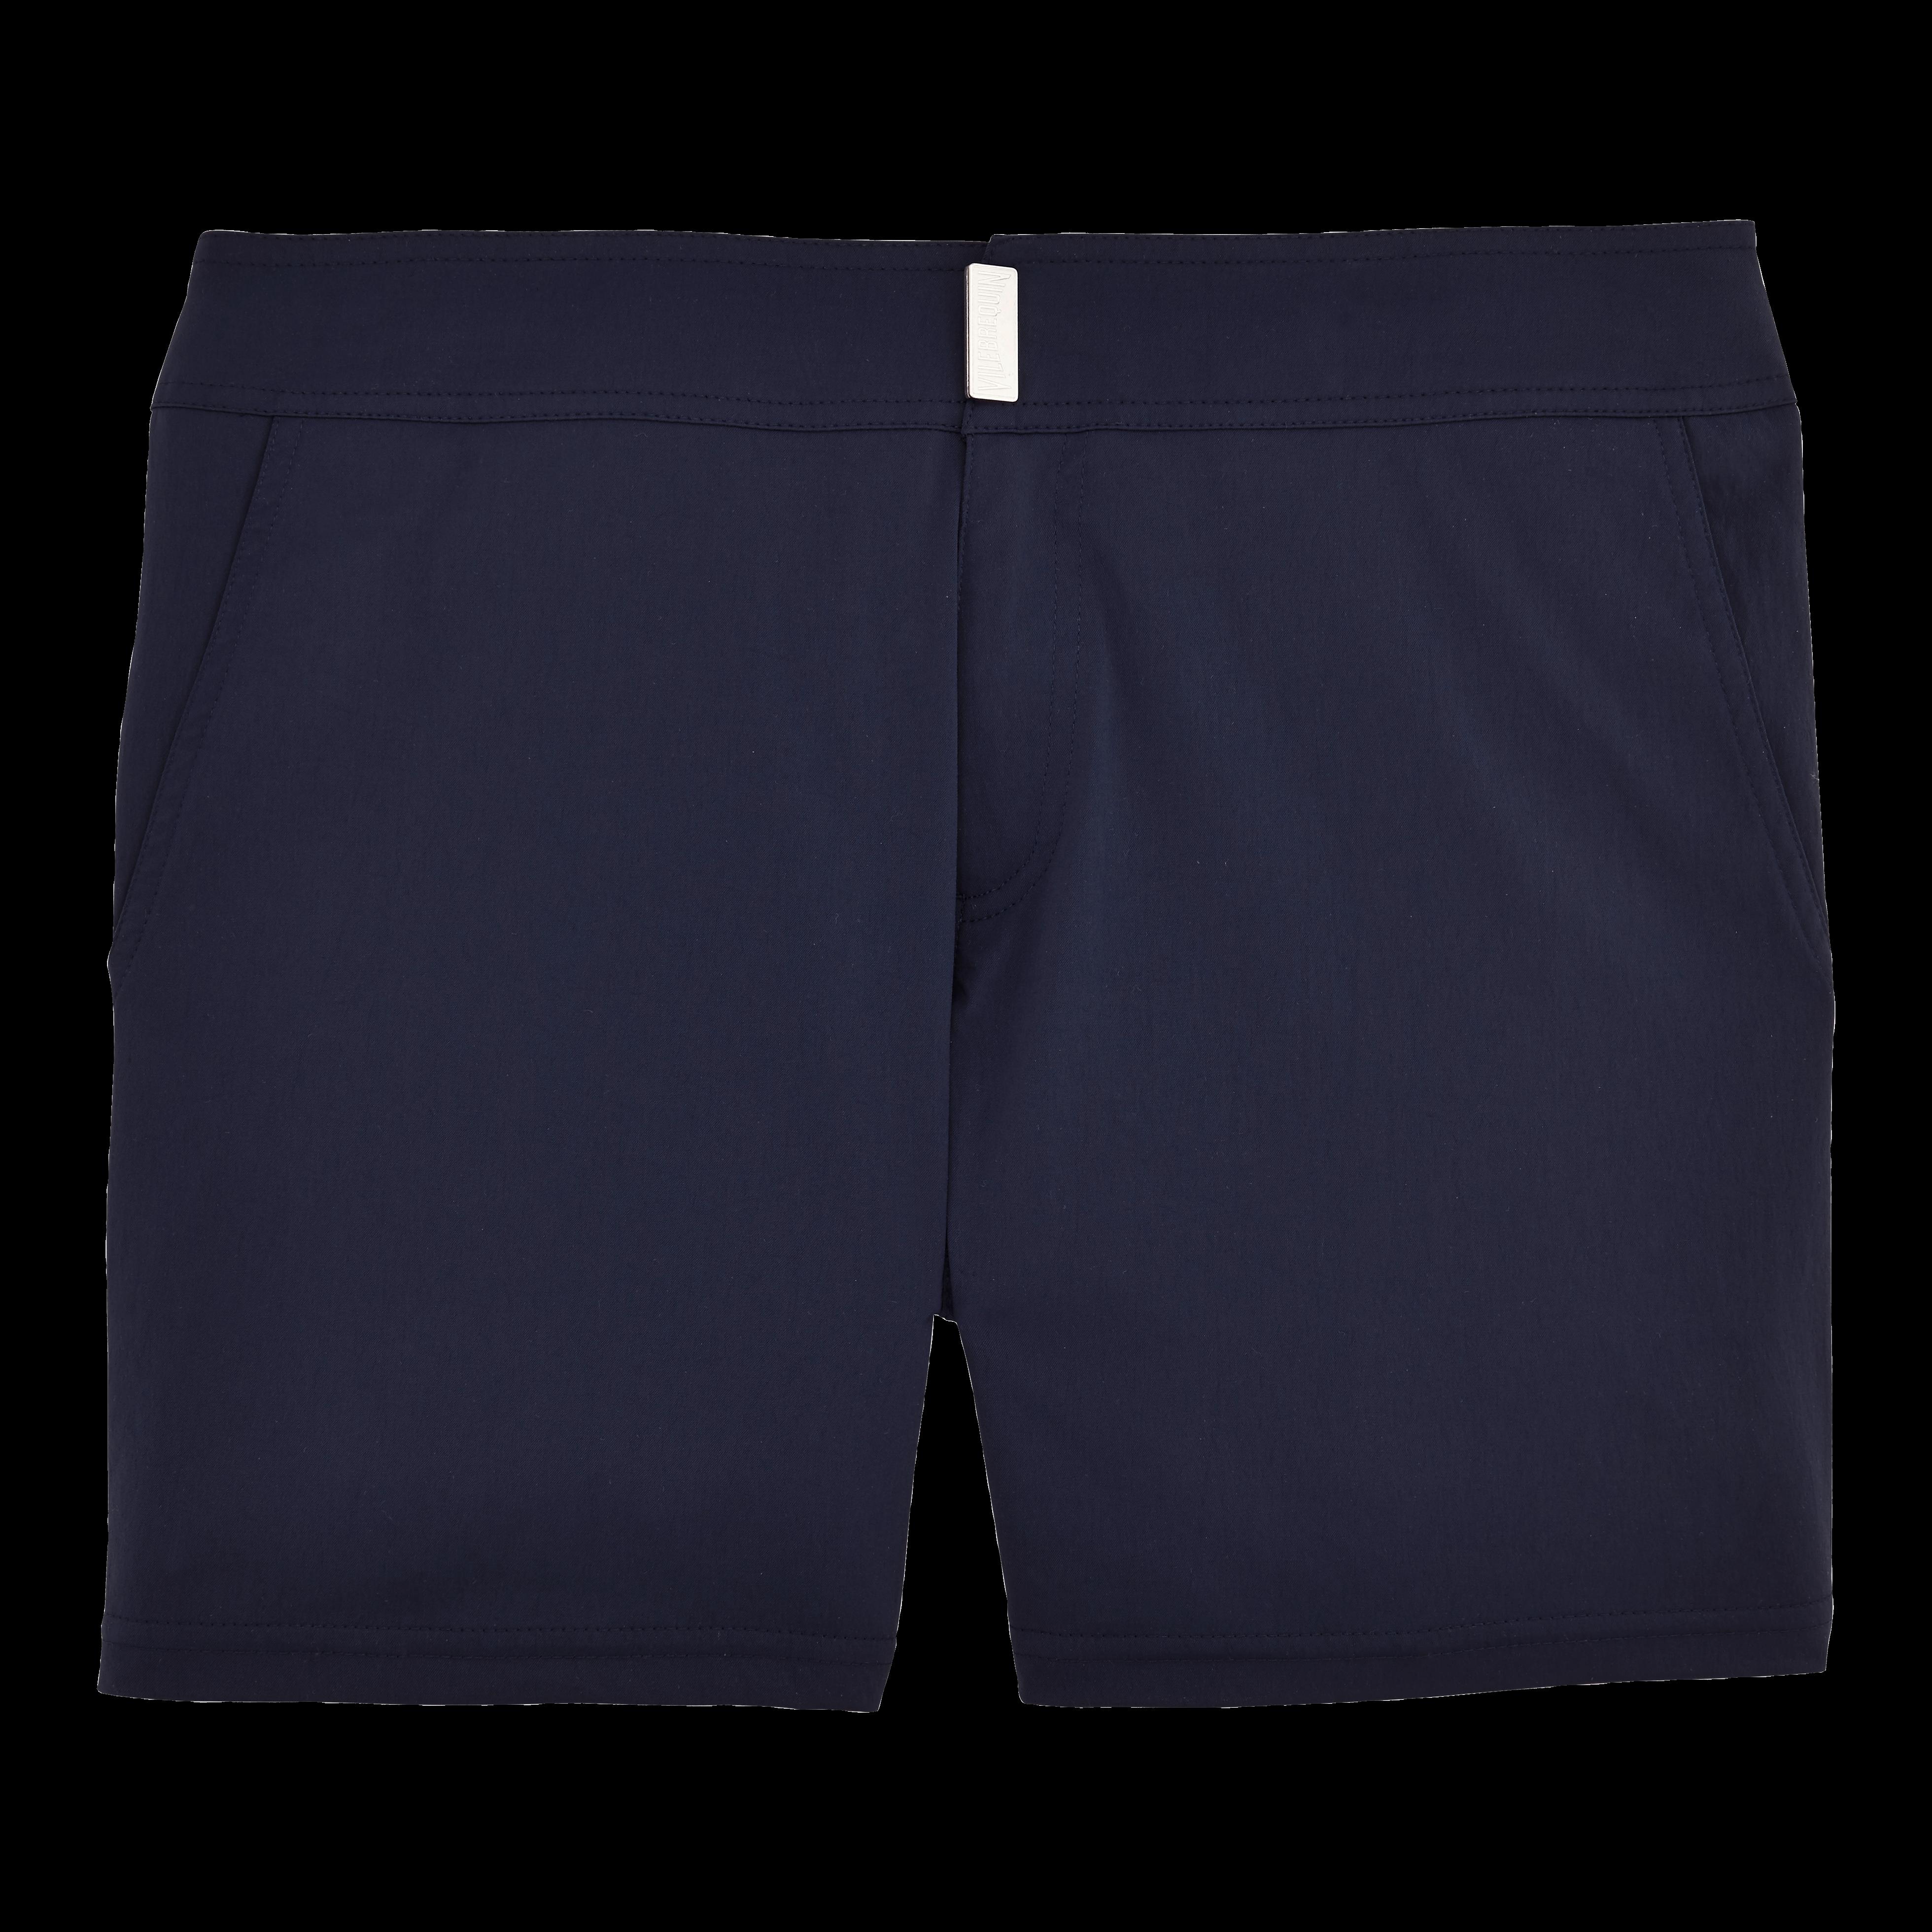 b8825410fd005 Vilebrequin Men Swimwear - Men Flat Belt Stretch Swimwear Solid - Swimwear  - Merise In Blue